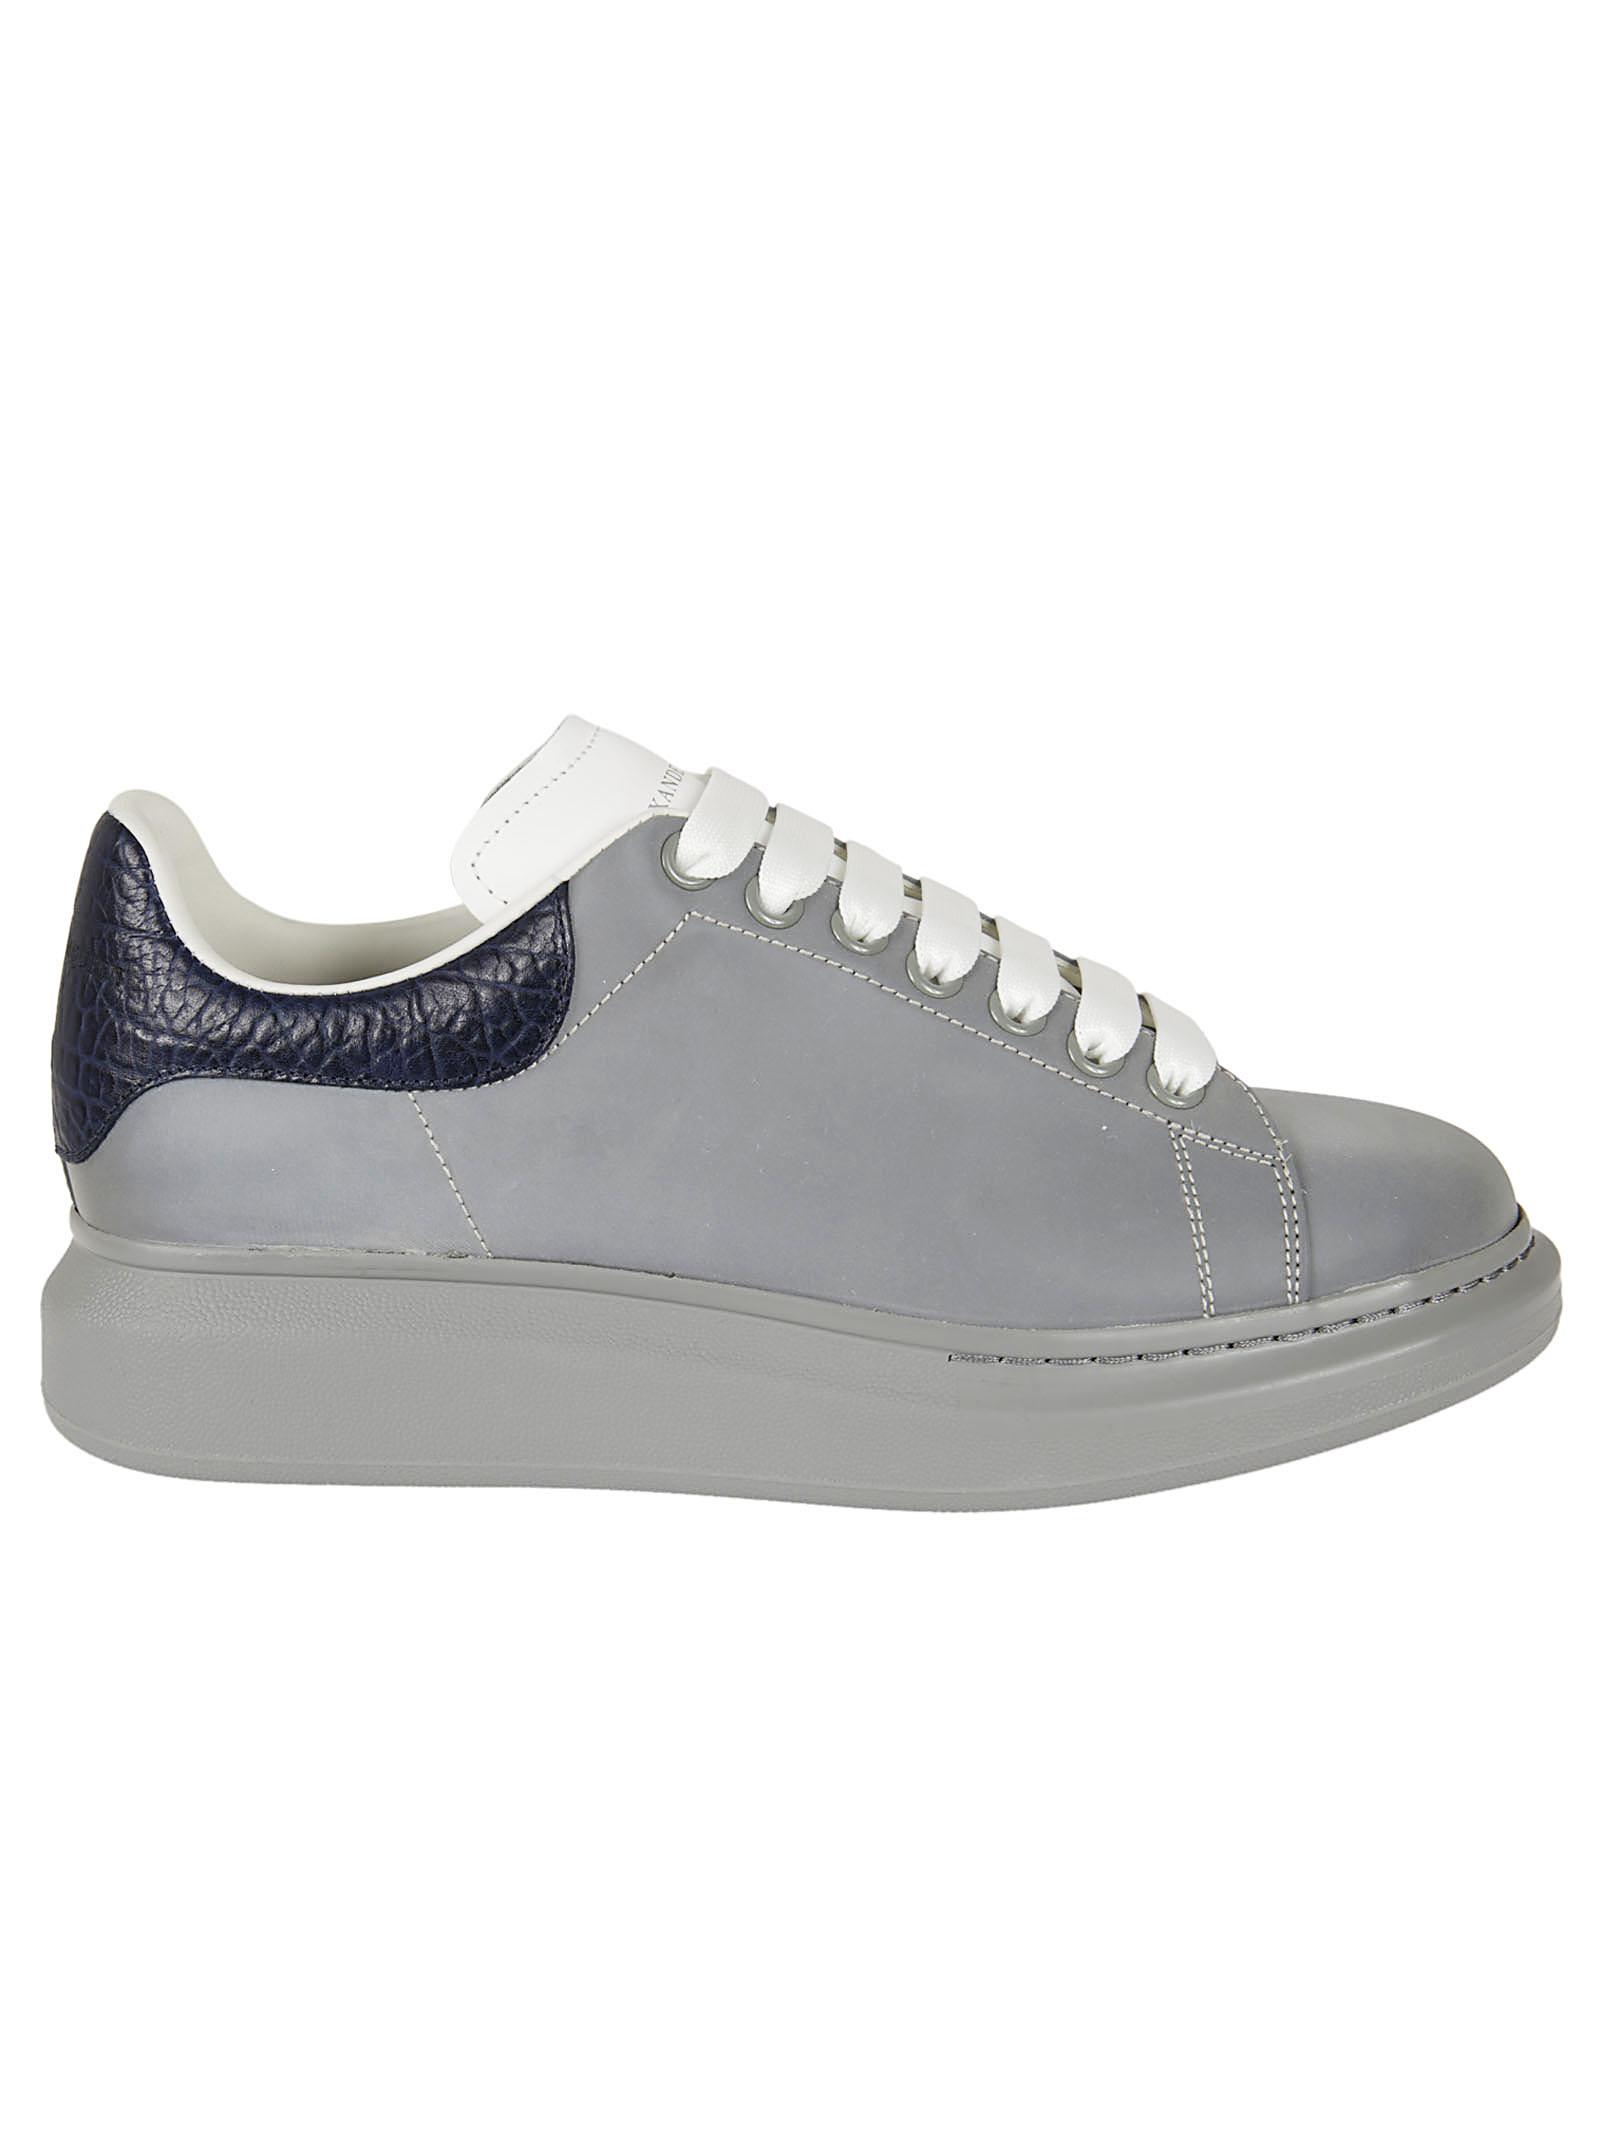 Alexander McQueen Alexander McQueen Reflective Sneakers